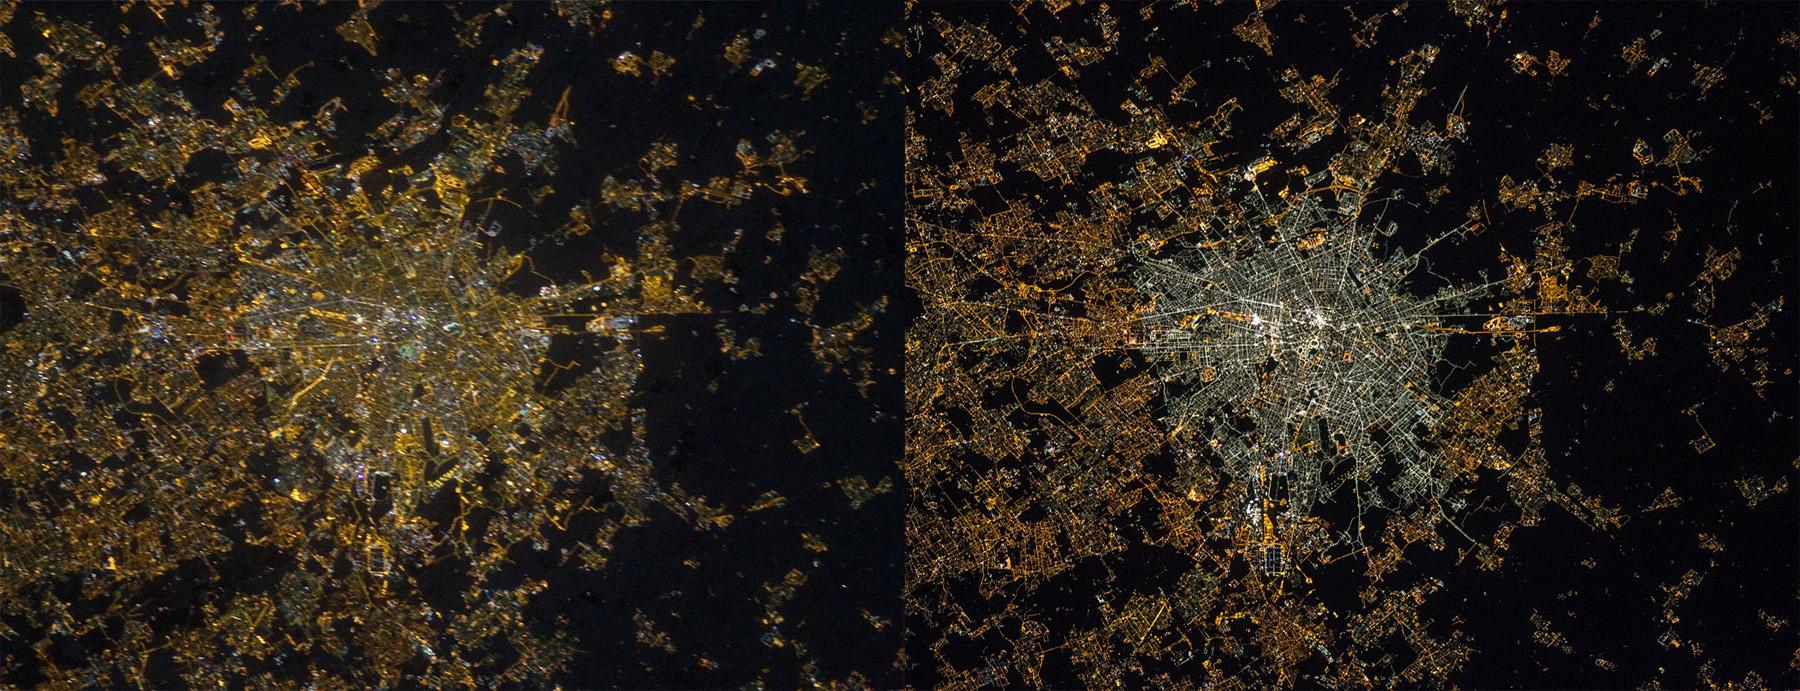 Mailand bei Nacht, 2012 (links) und 2015. Aufgenommen von den Austronauten André Kuipers (links) und Samantha Cristoforetti (rechts). Bildrechte: ESA/NASA